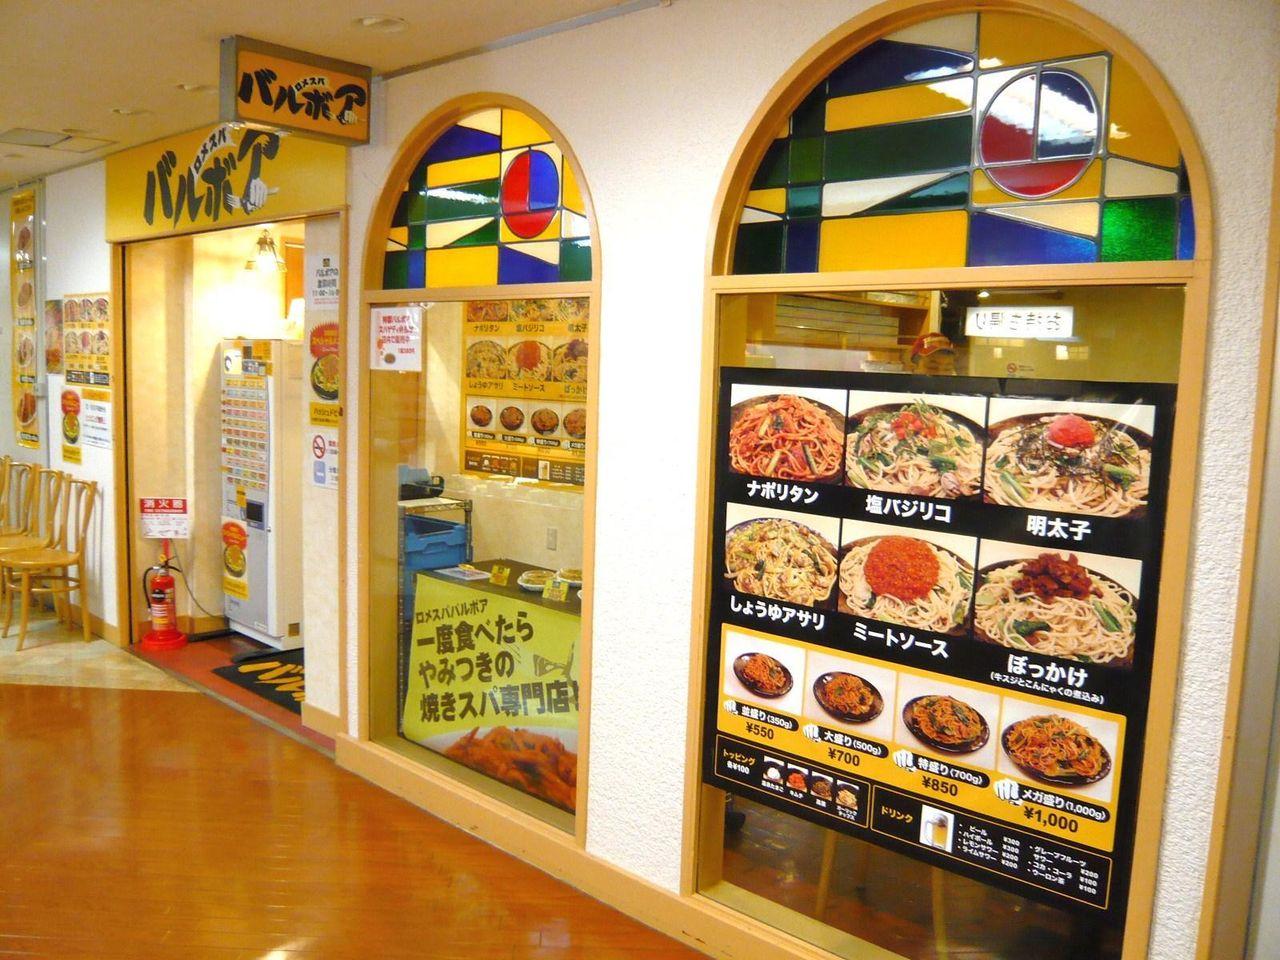 五反田TOC地下1階にオープンしたロメスパバルボア